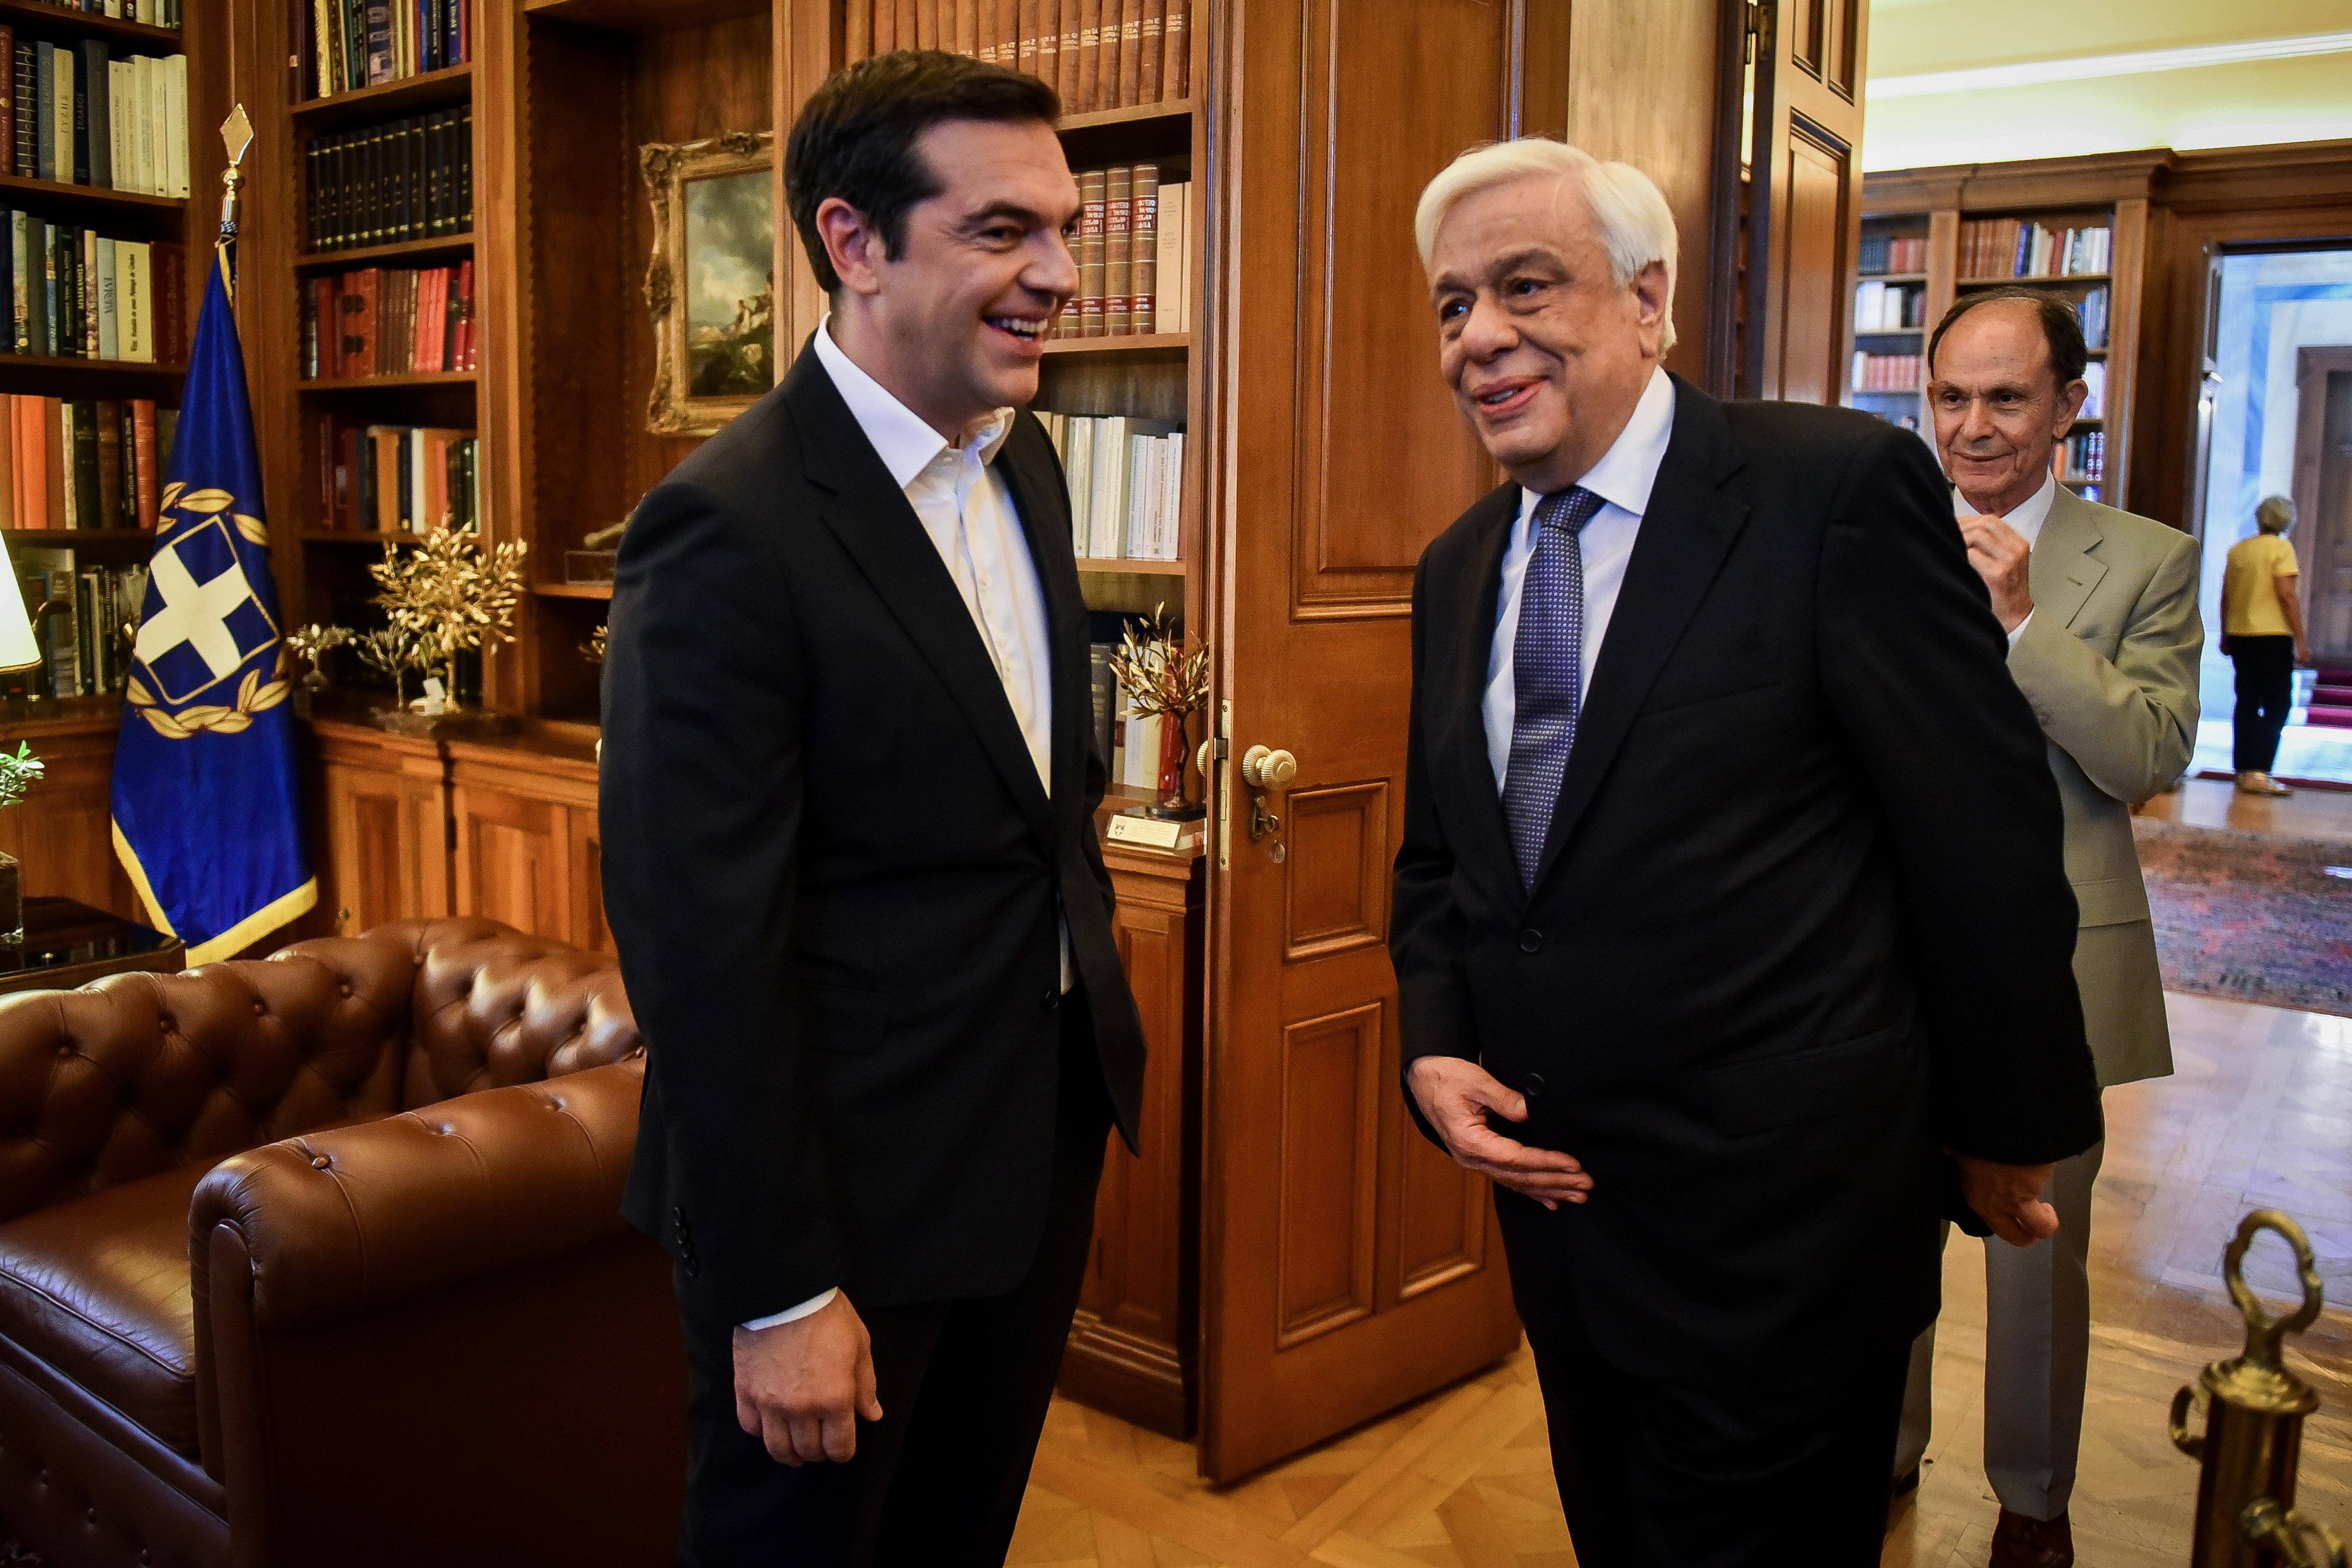 Τσίπρας στον Παυλόπουλο: Υπάρχει συμφωνία για σύνθετη ονομασία με γεωγραφικό προσδιορισμό